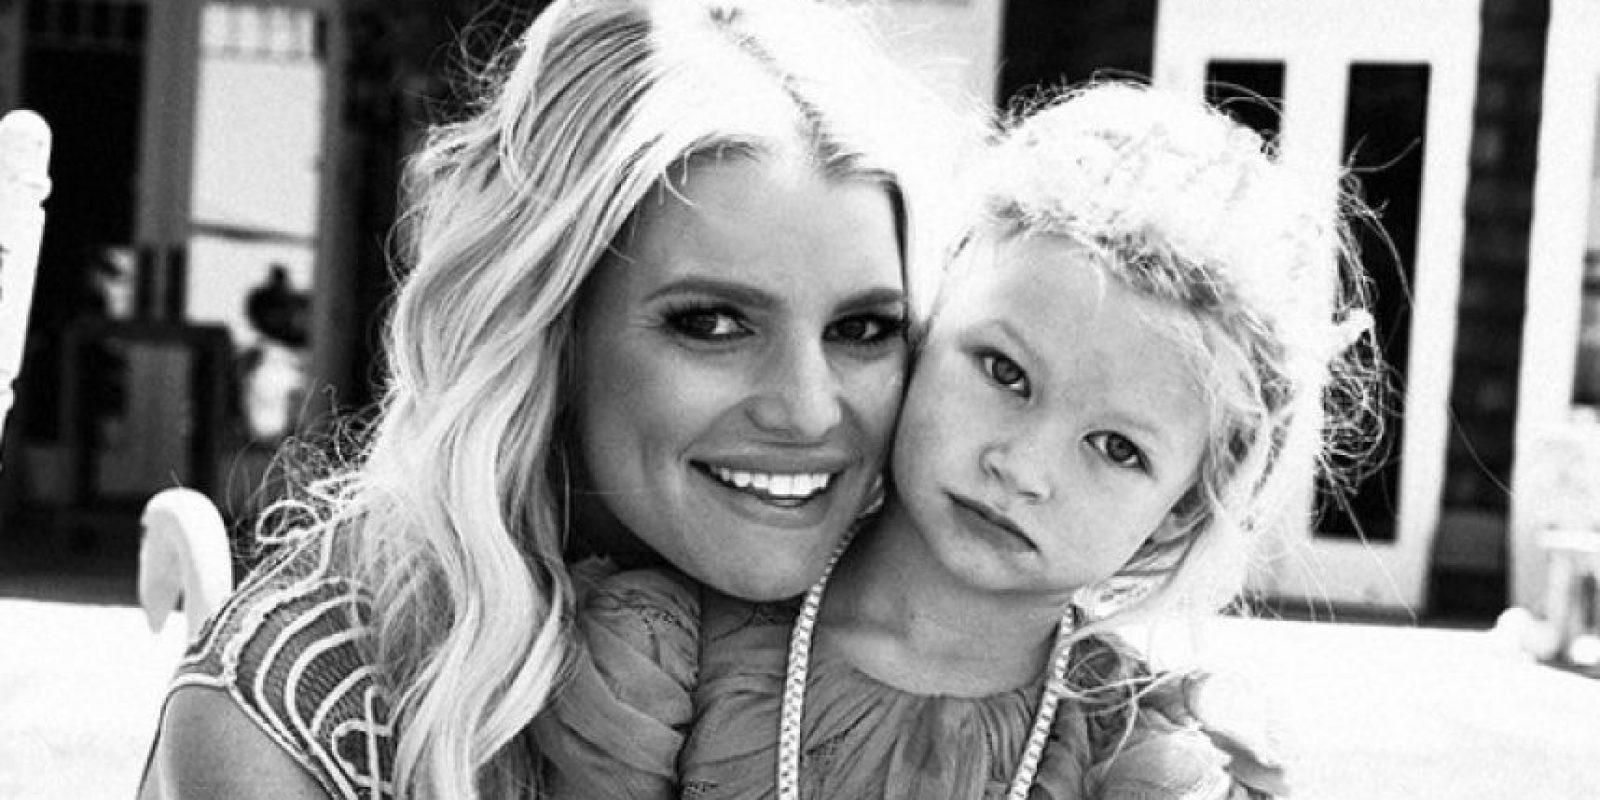 En más de una ocasión la cantante fue acusada ser poco responsable con el cuidado de sus hijos. Foto:vía instagram.com/jessicasimpson